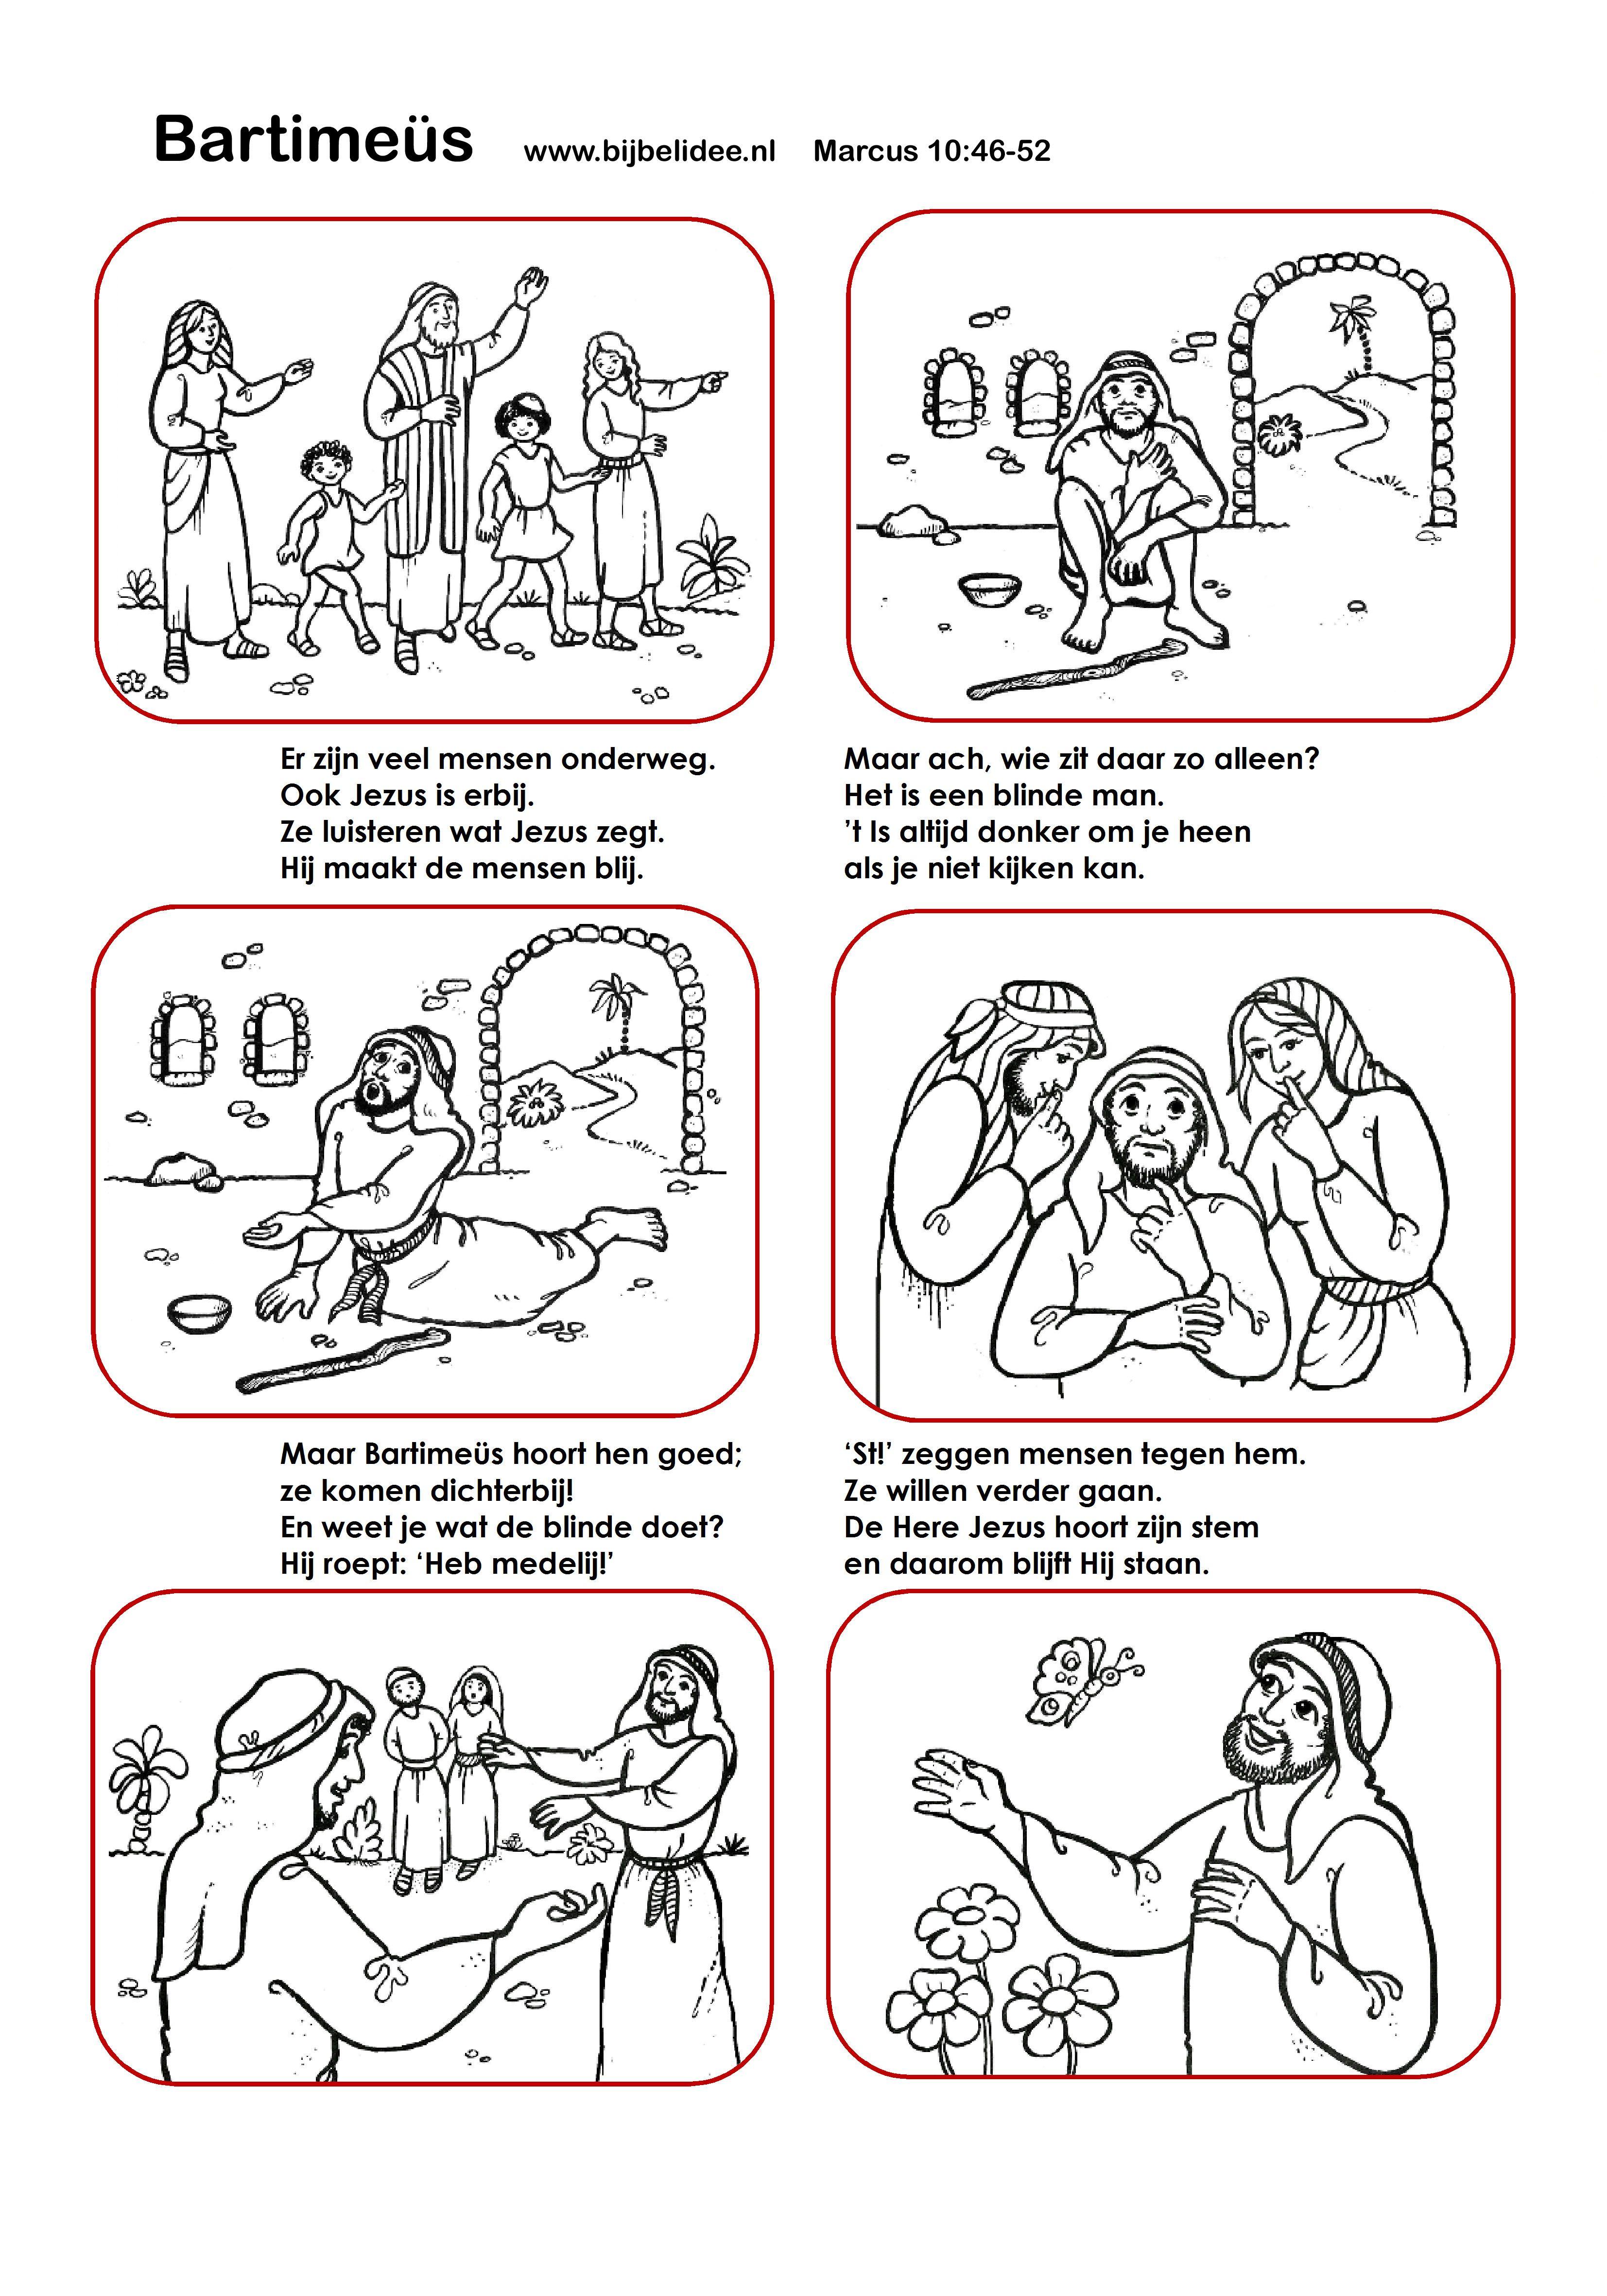 Kleurplaten Bijbelverhalen Peuters.Bartimeus Marcus 10 46 52 Verhaal En Kleurplaten Bijbel